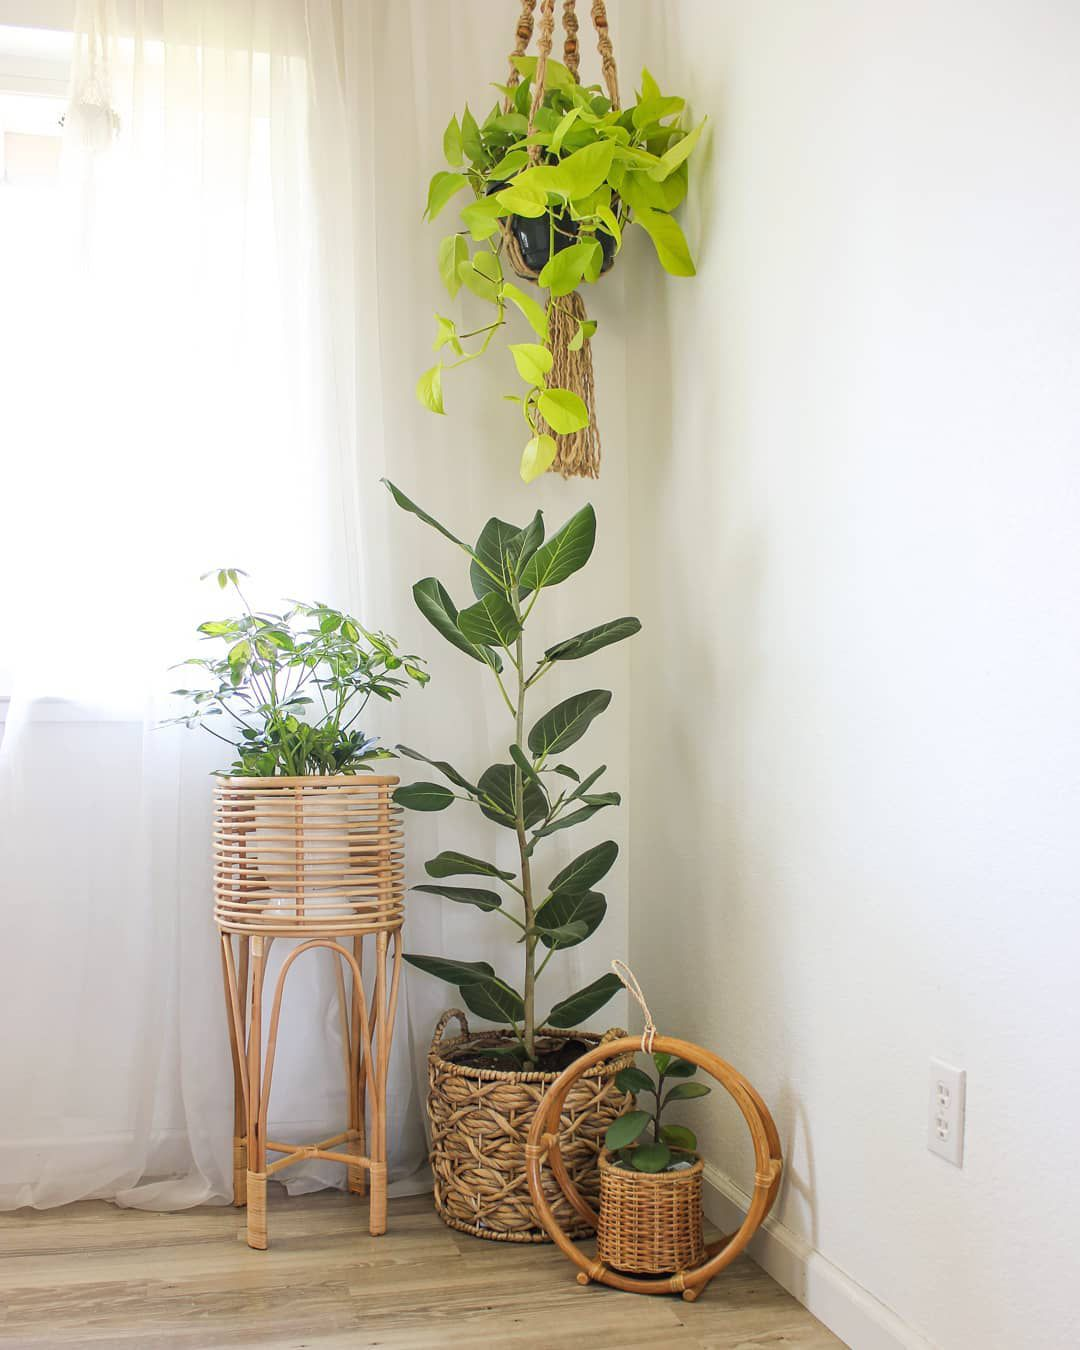 Ficus Audrey in a corner